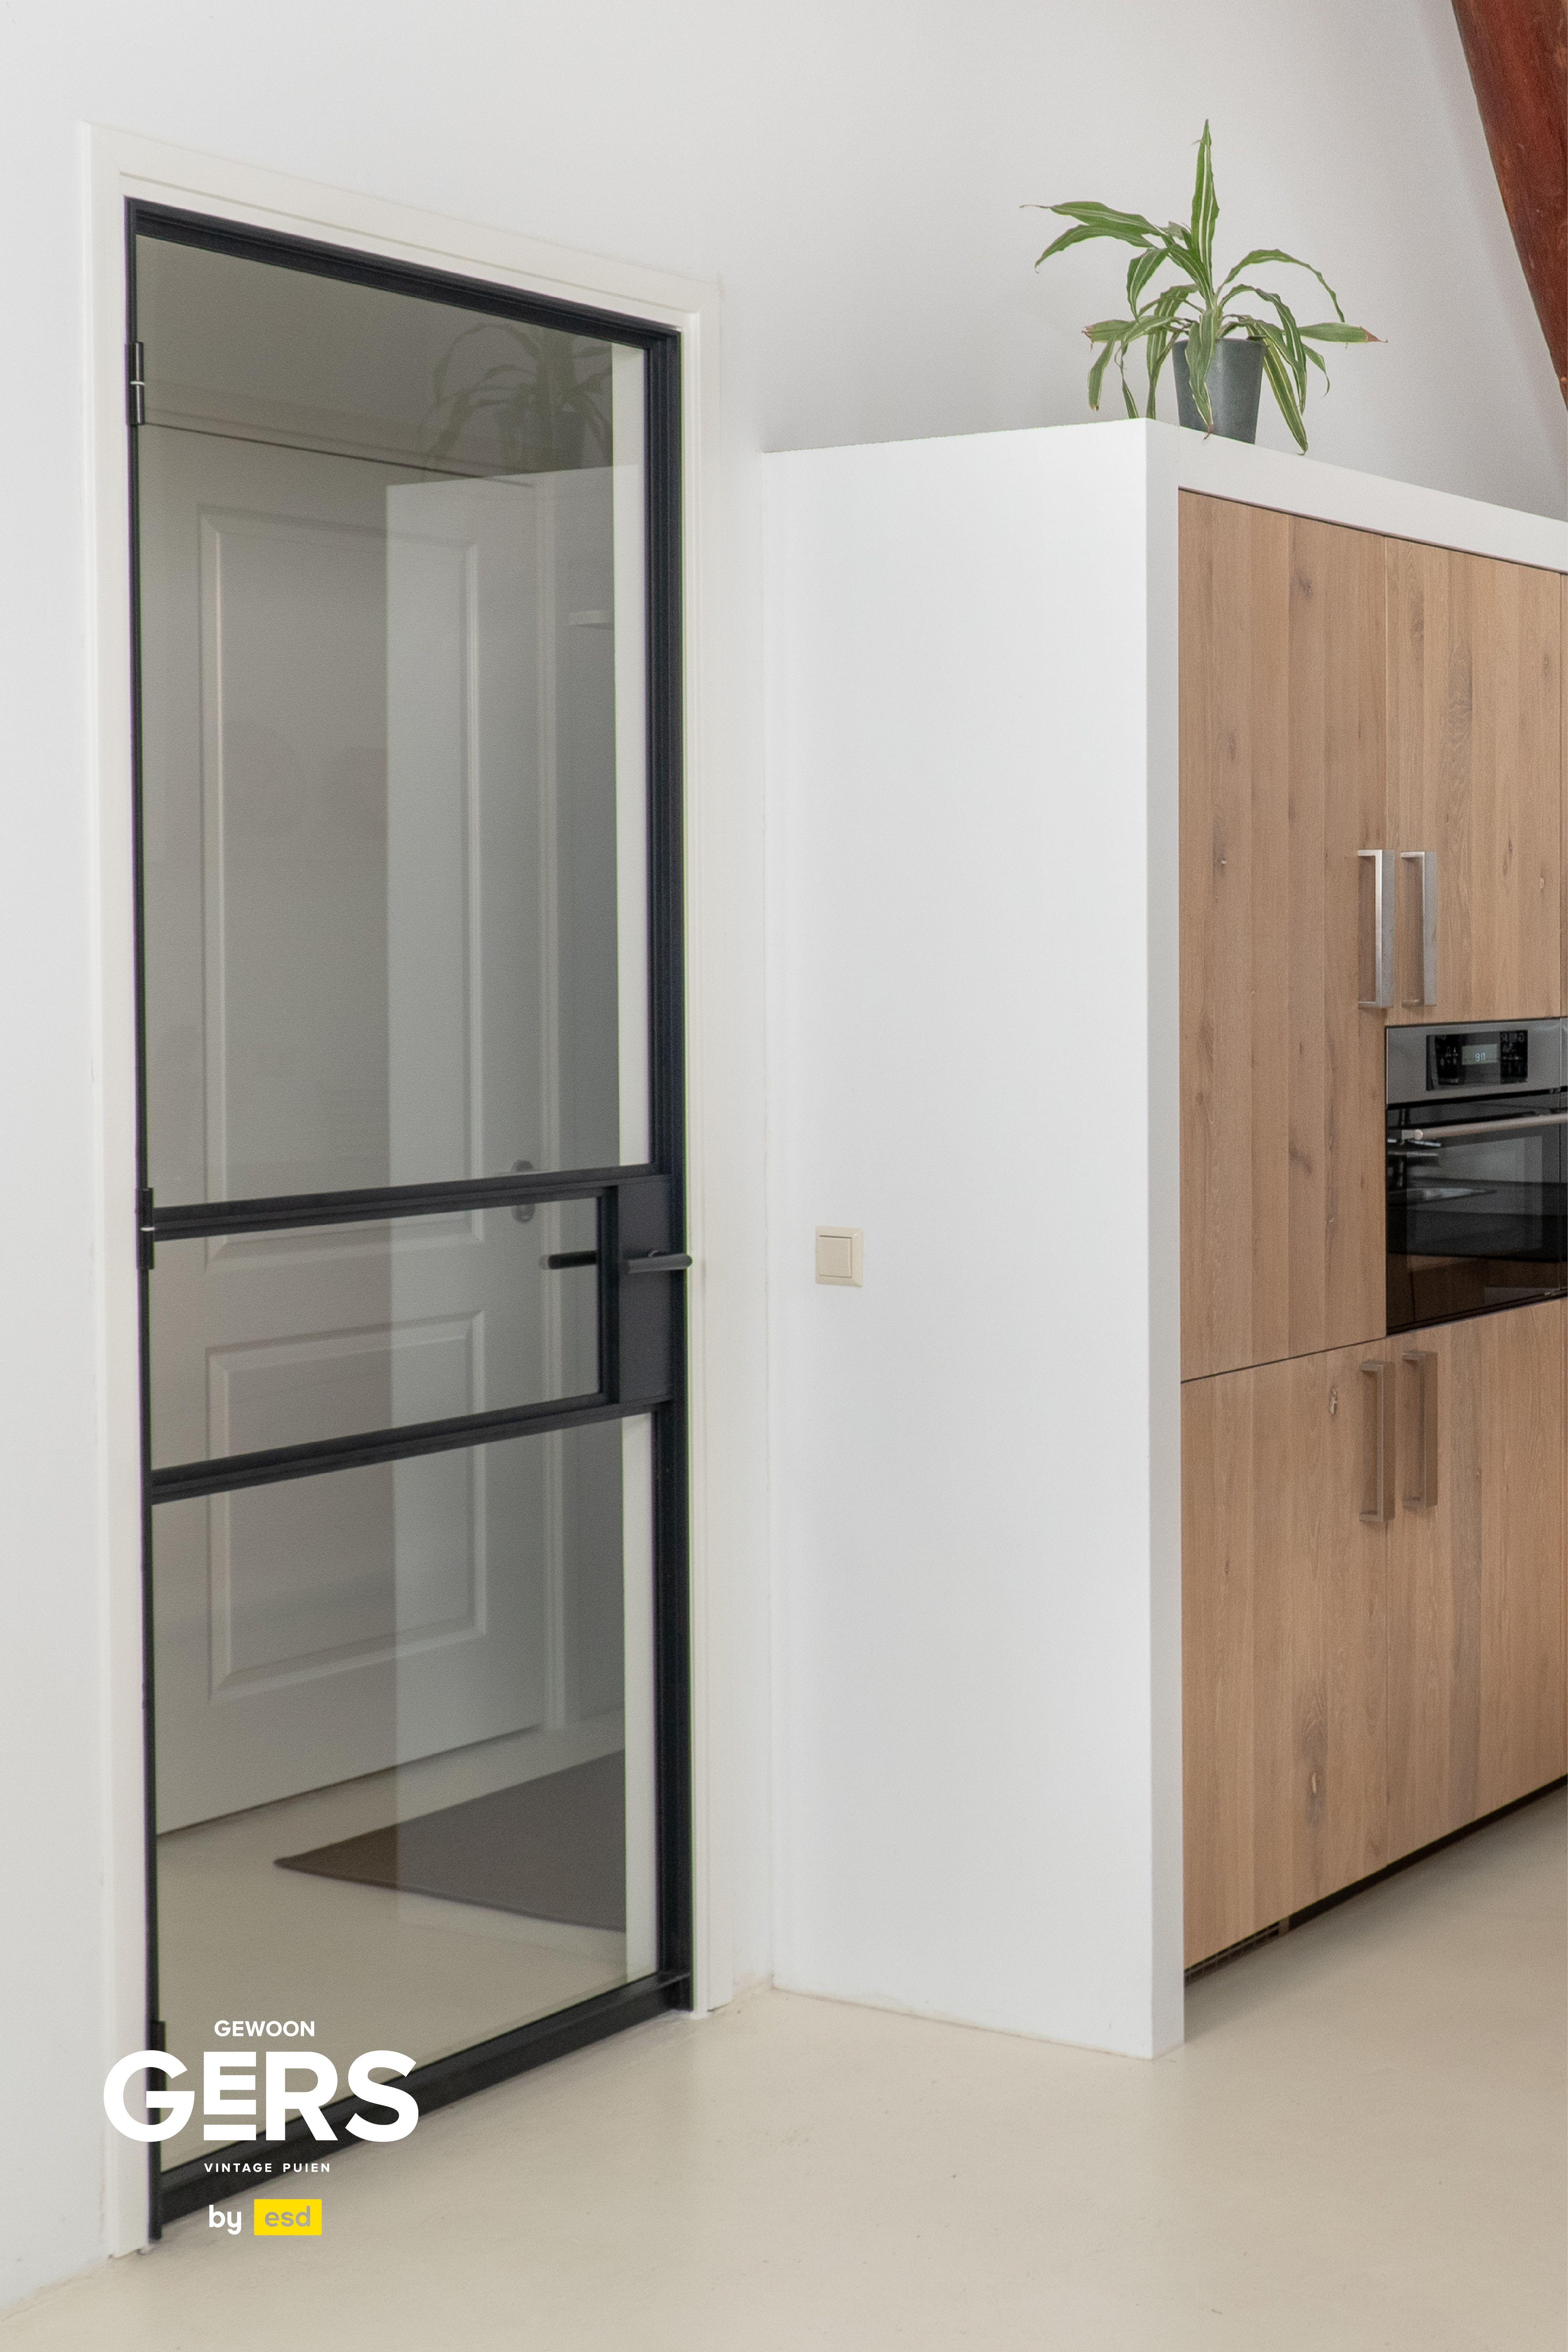 Home inspiration: enter through a trendy door